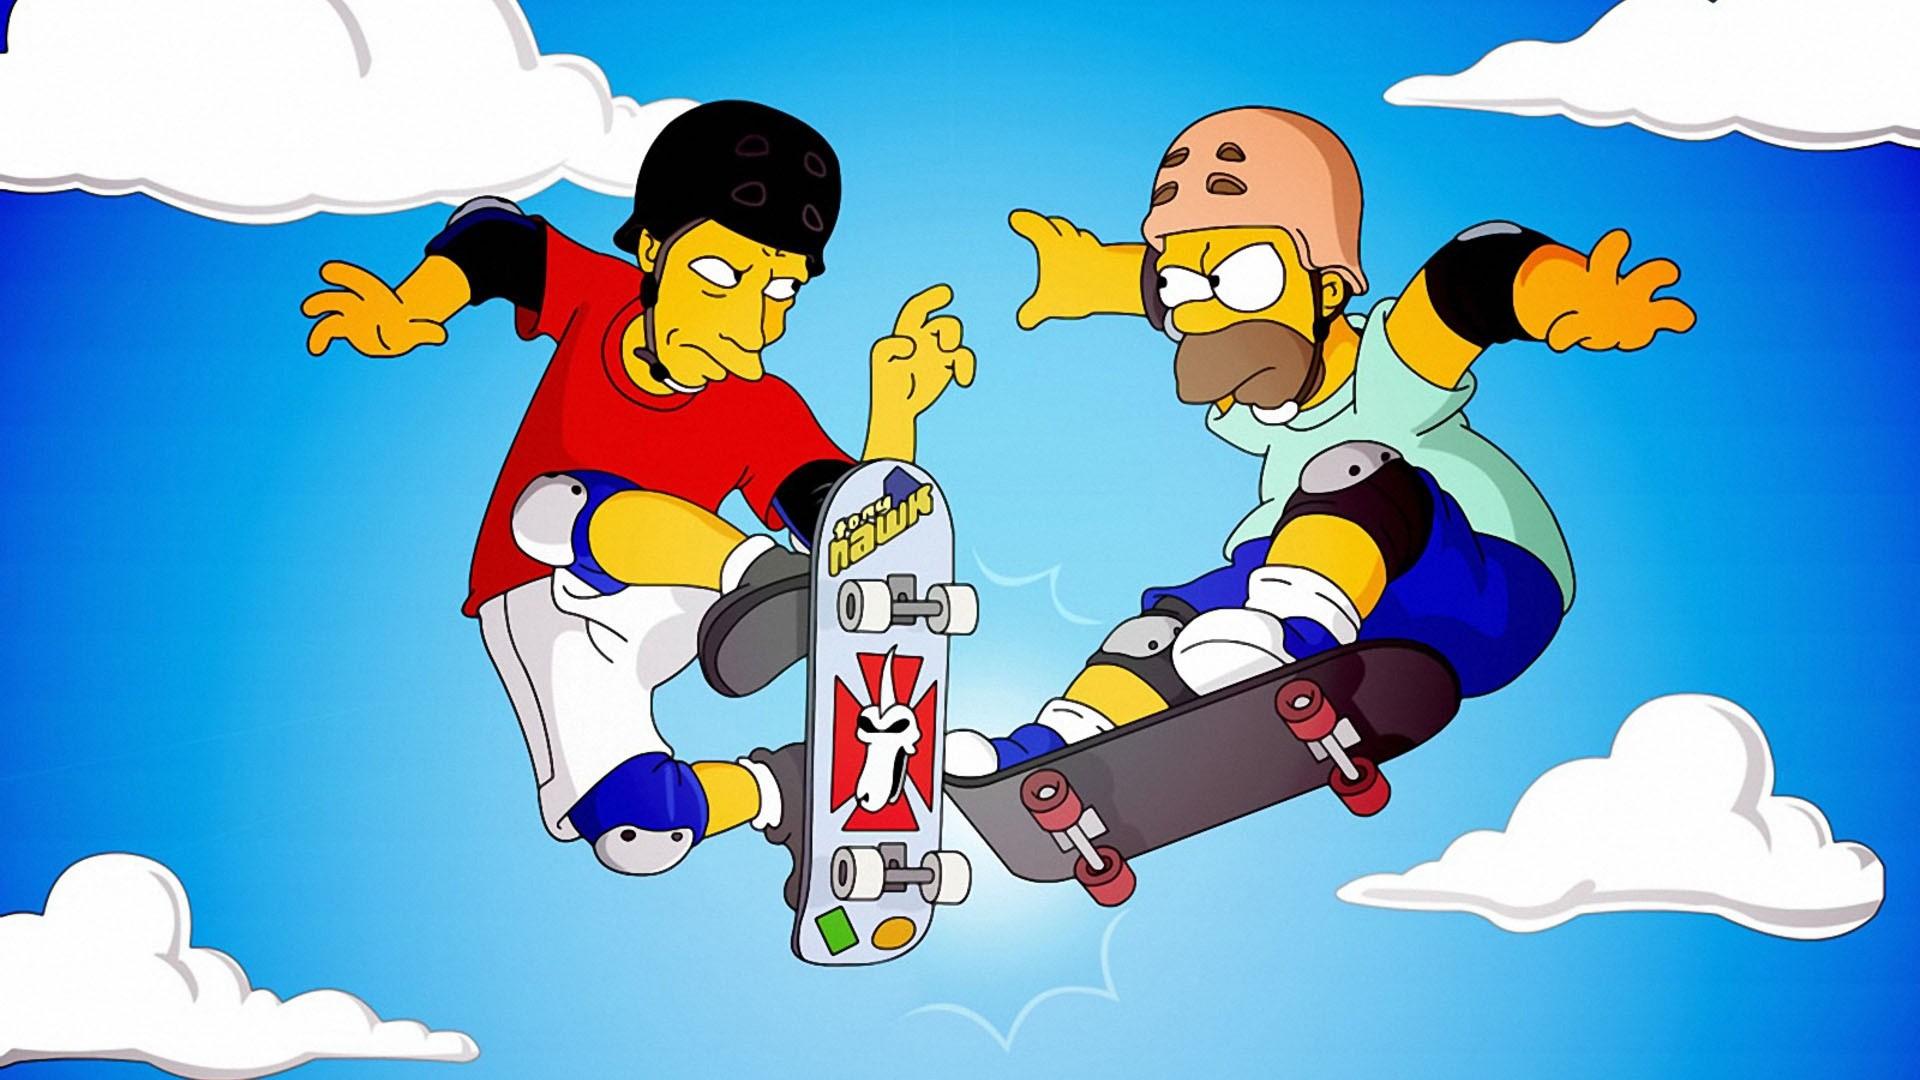 Ilustrasi gambar kartun skateboard simpsons homer simpson bermain